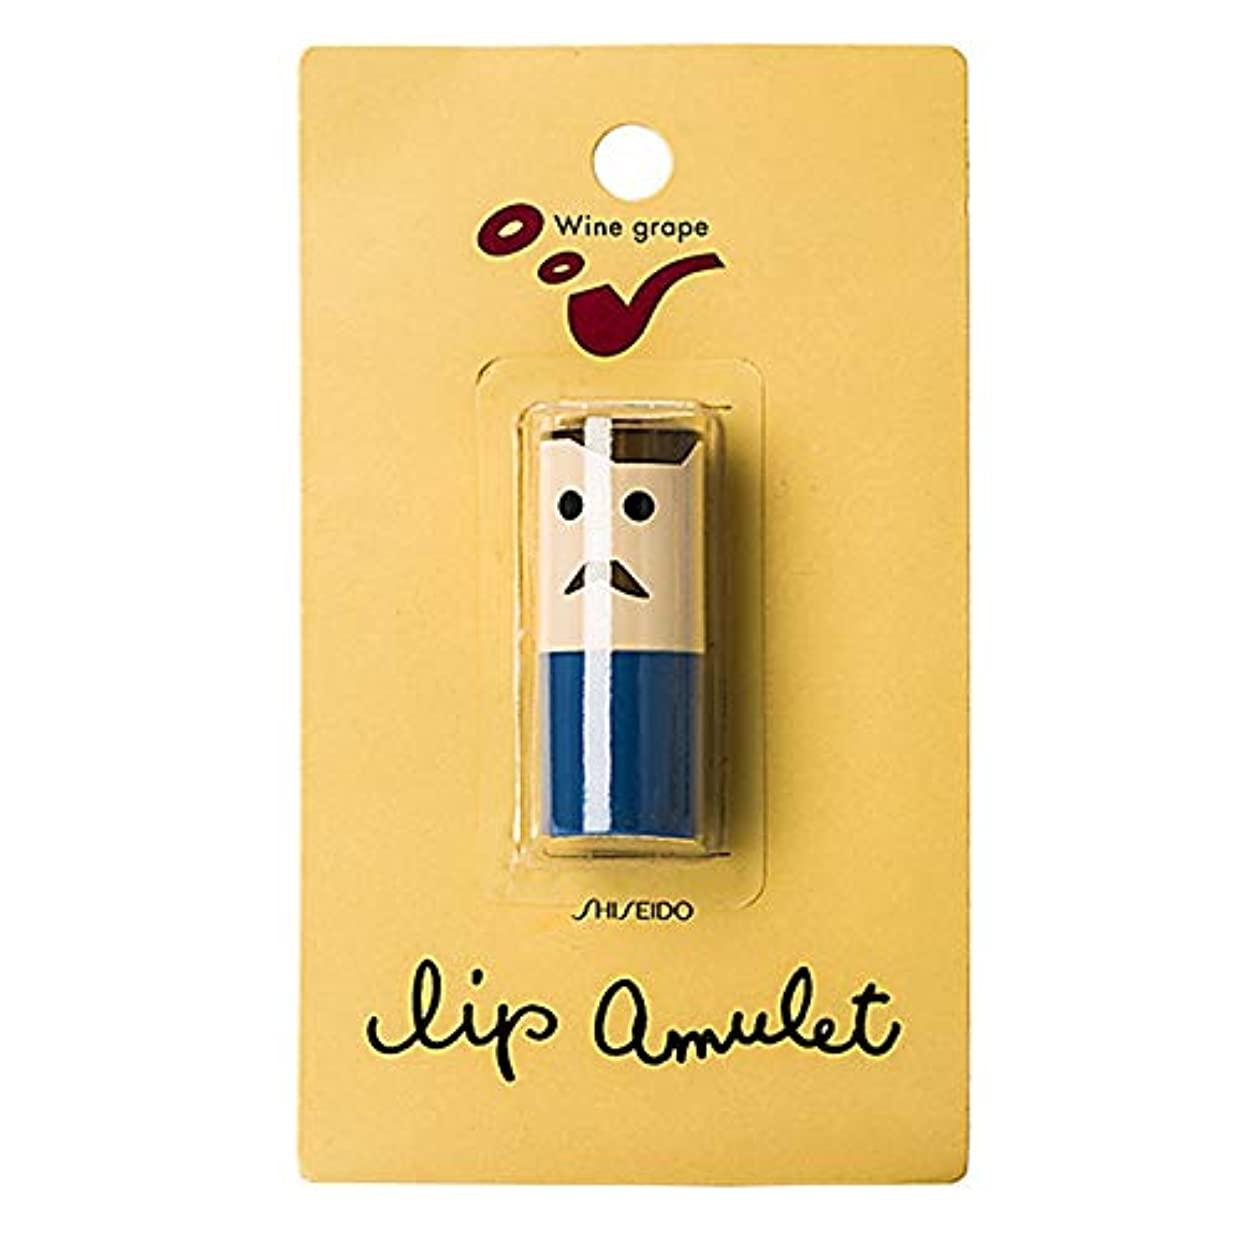 笑いパーフェルビッド半ば【台湾限定】資生堂 Shiseido リップアミュレット Lip Amulet お土産 コスメ 色つきリップ 単品 葡萄酒紅 (ワイングレープ) [並行輸入品]